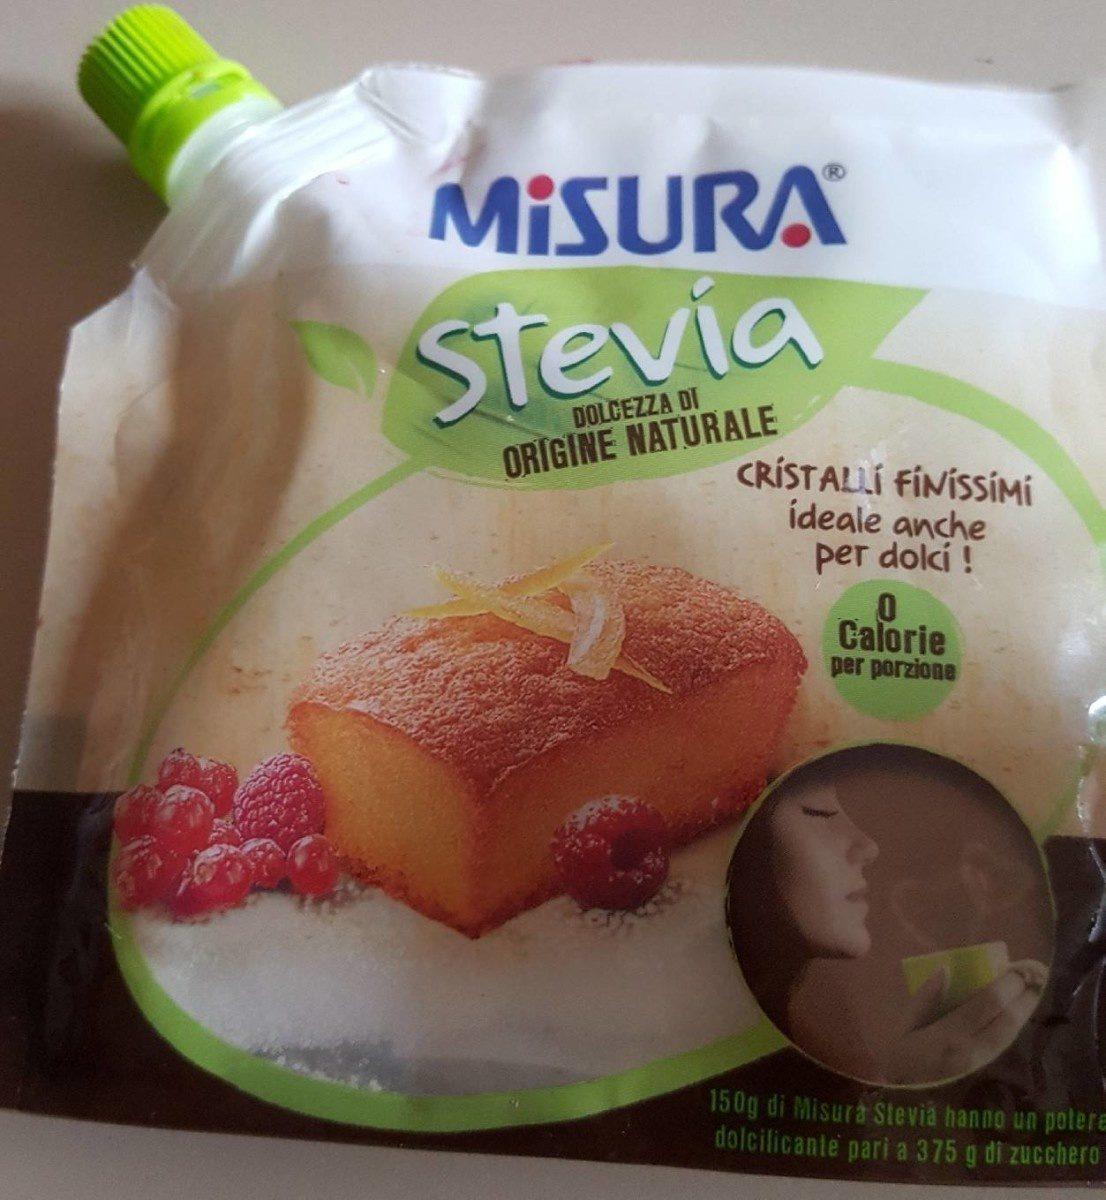 Misura Stevia Crystals